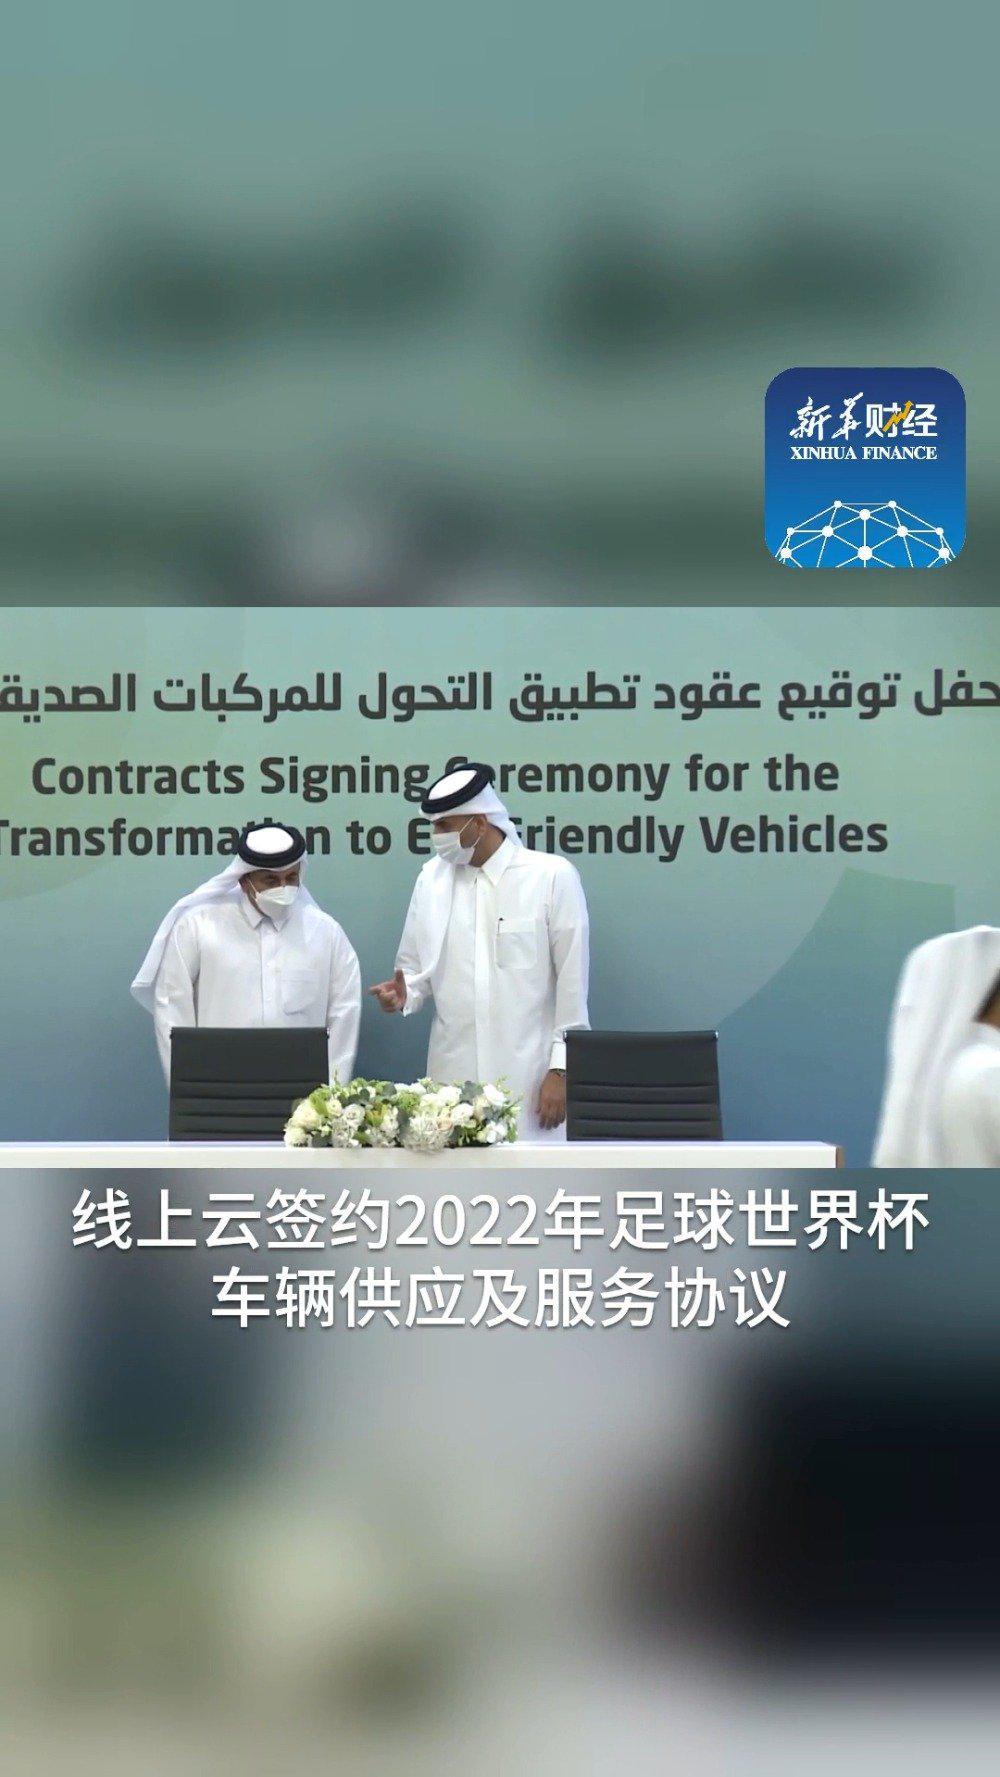 来了!中国客车驶向2022年卡塔尔世界杯!